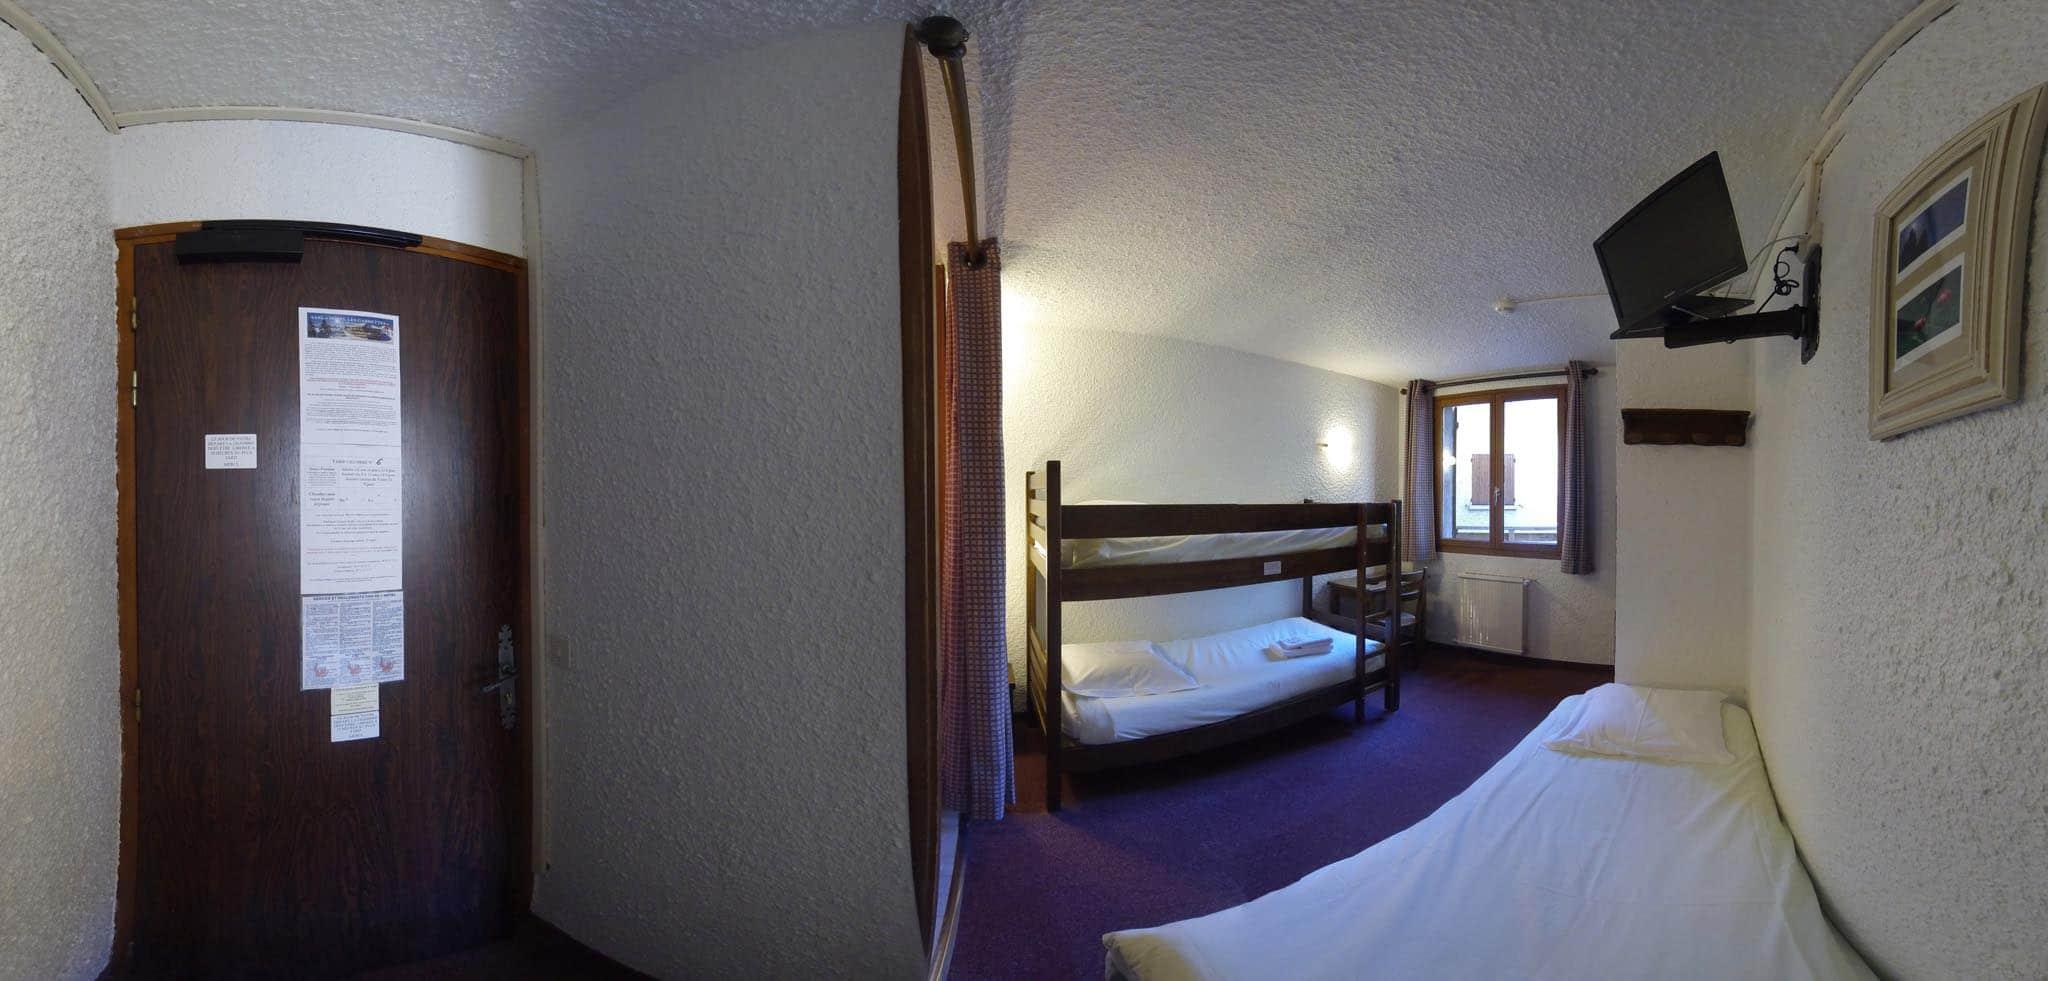 chambre n 6 2 lits superpos s fauteuil lit d 39 appoint douche et wc hotel les gardettes. Black Bedroom Furniture Sets. Home Design Ideas